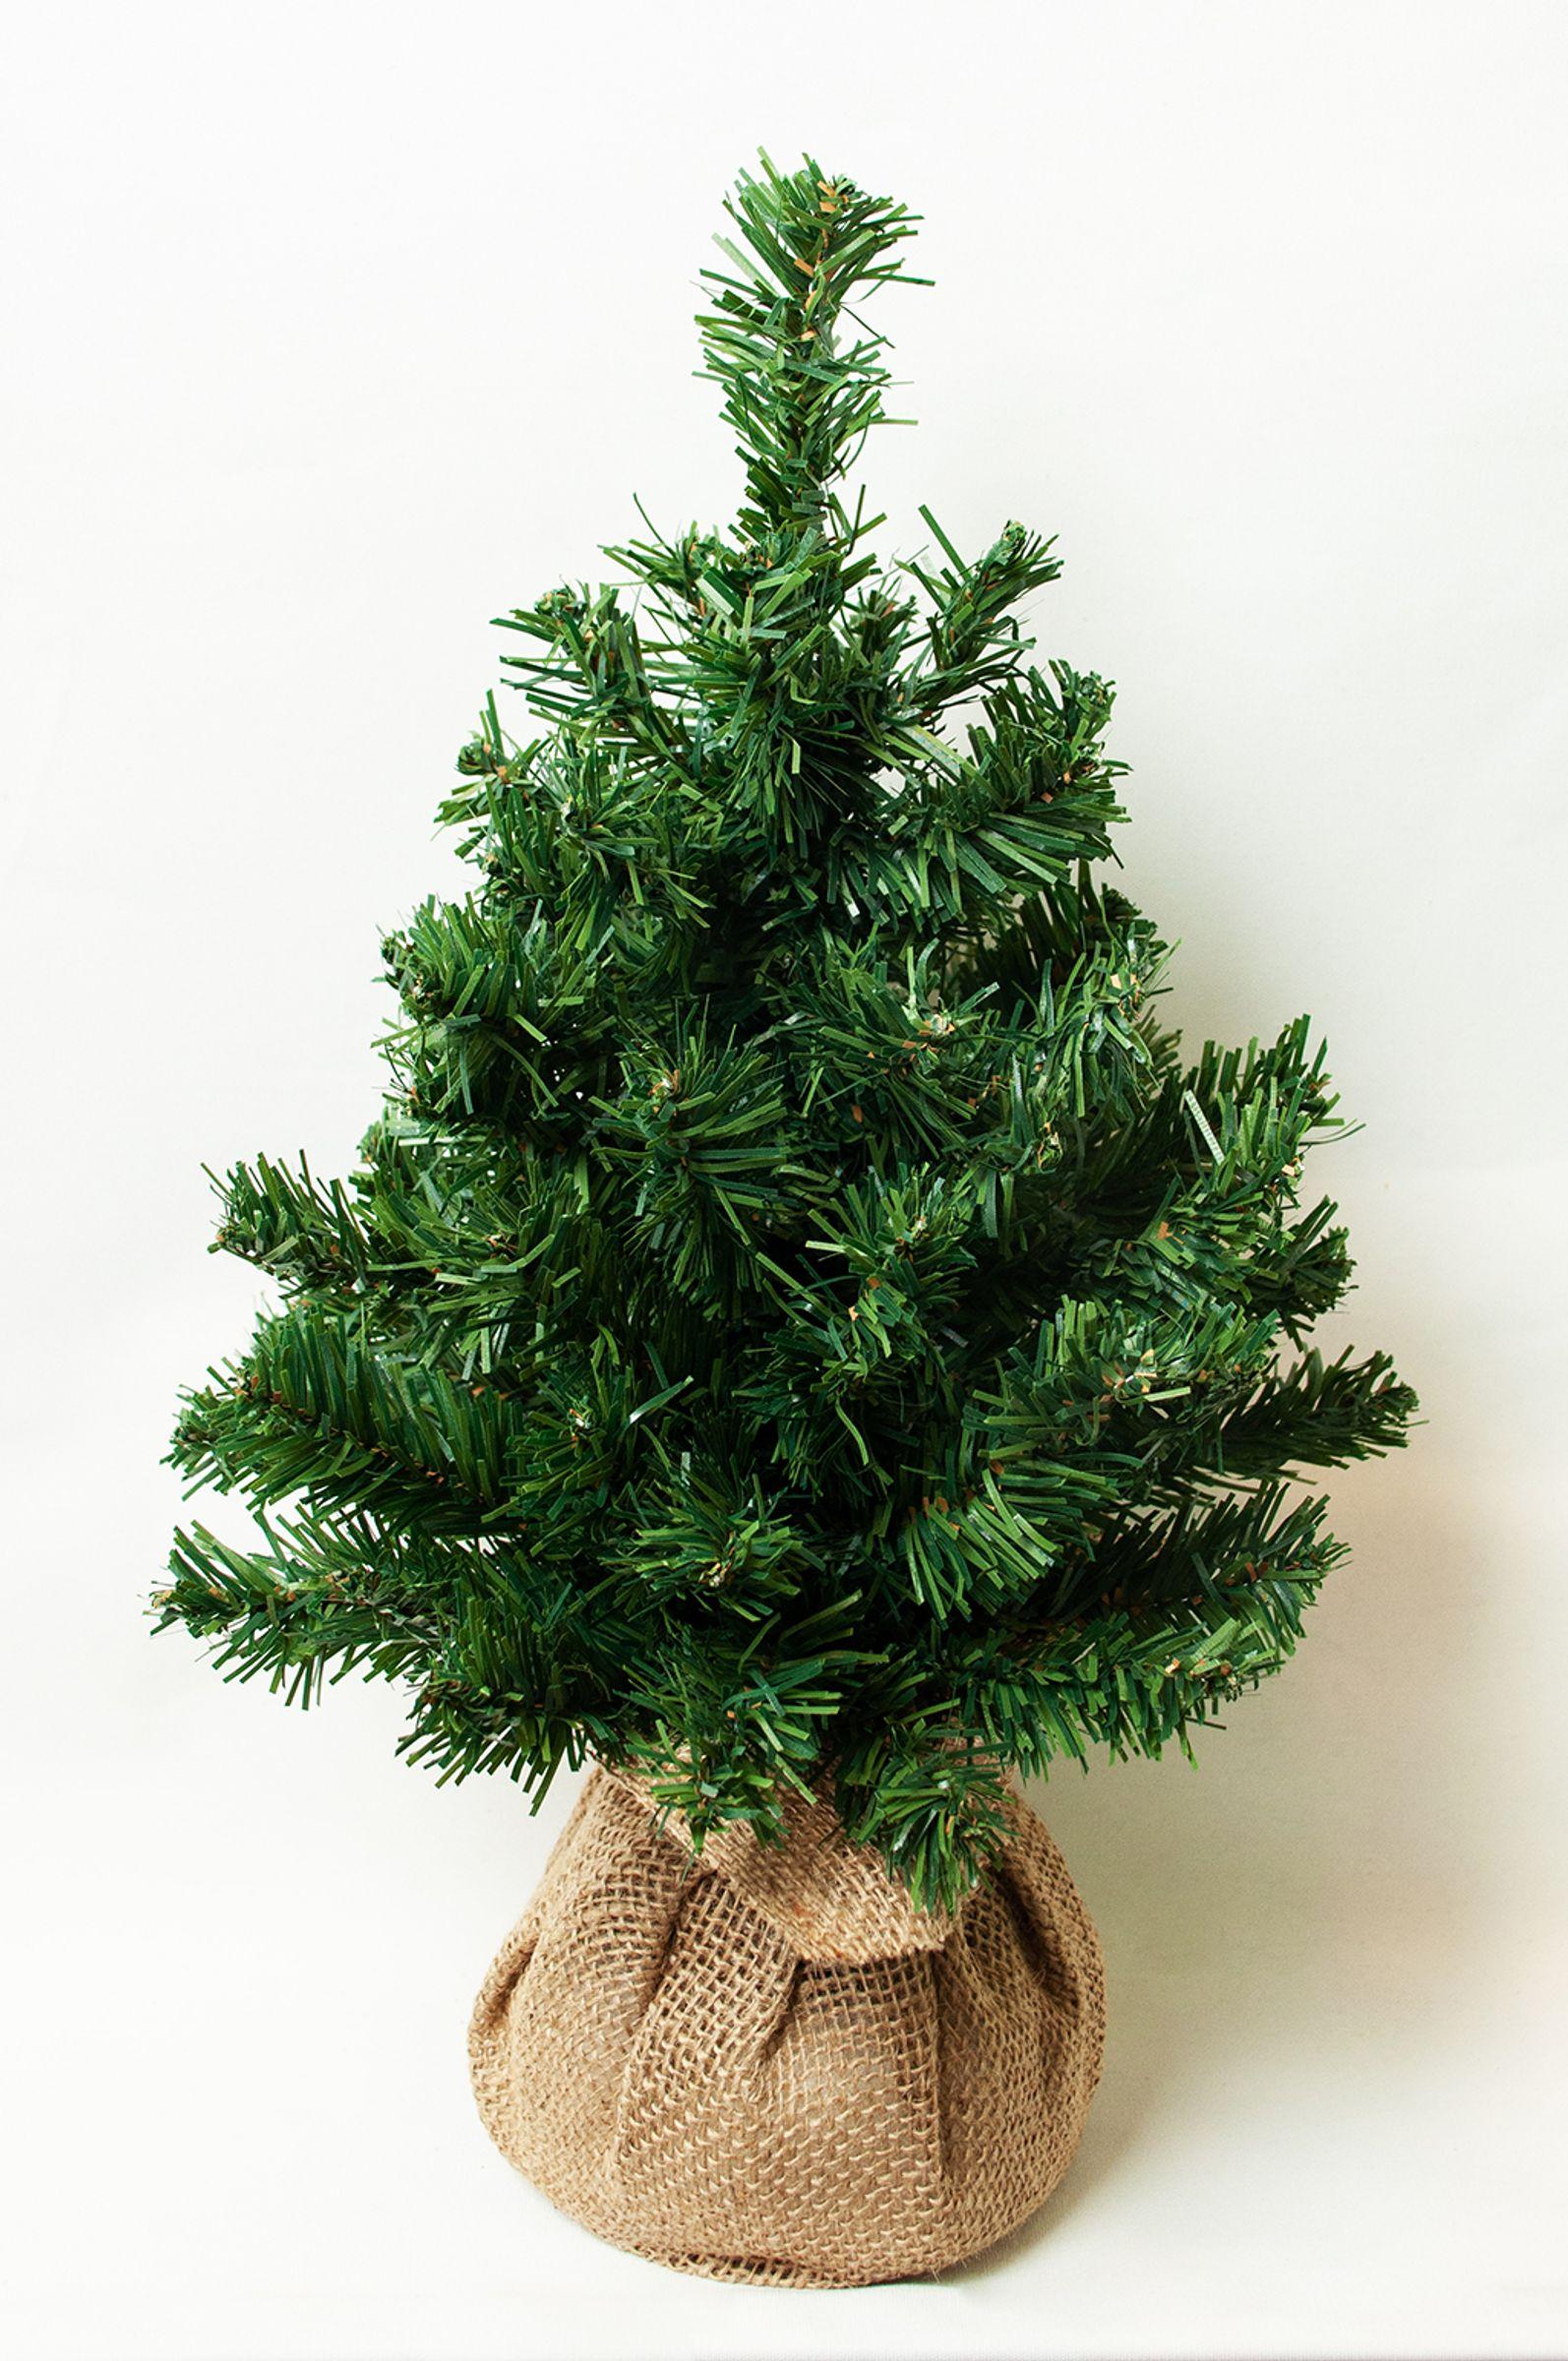 Weihnachtsbaum Tannenbaum.Künstlicher Deko Weihnachtsbaum Tannenbaum Christbaum Weihnachten Baum Grün